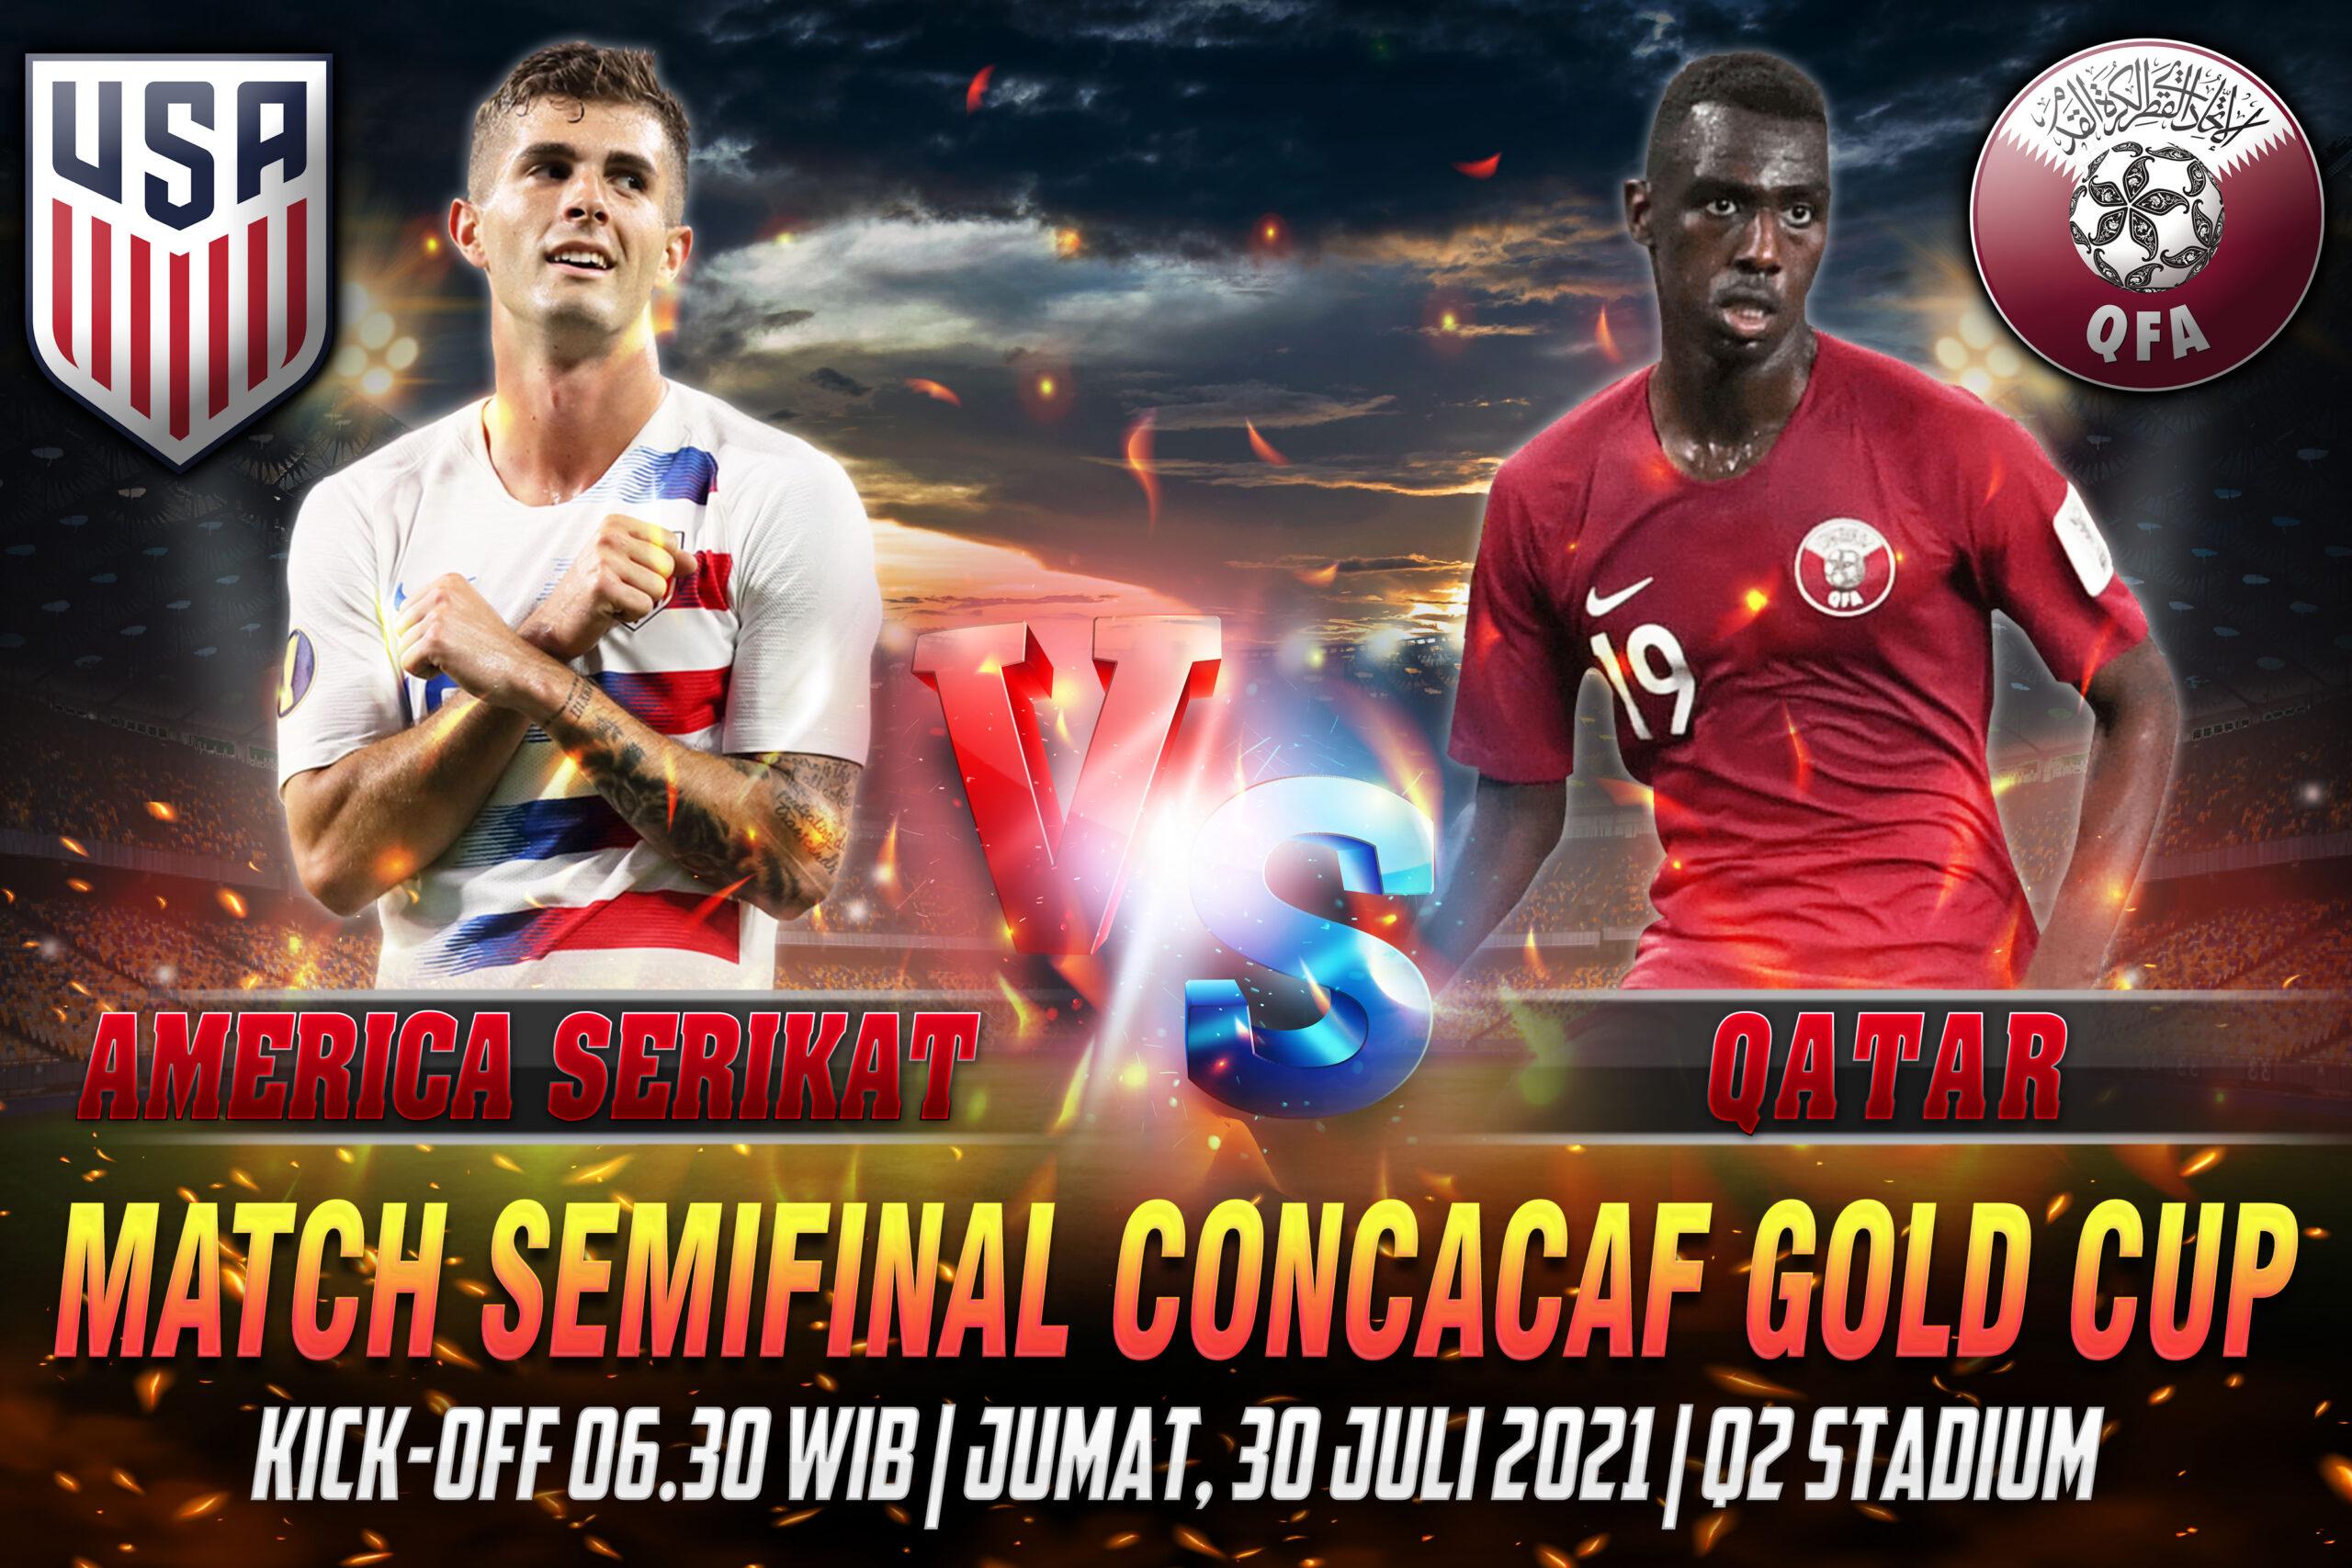 Prediksi Skor USA vs Qatar